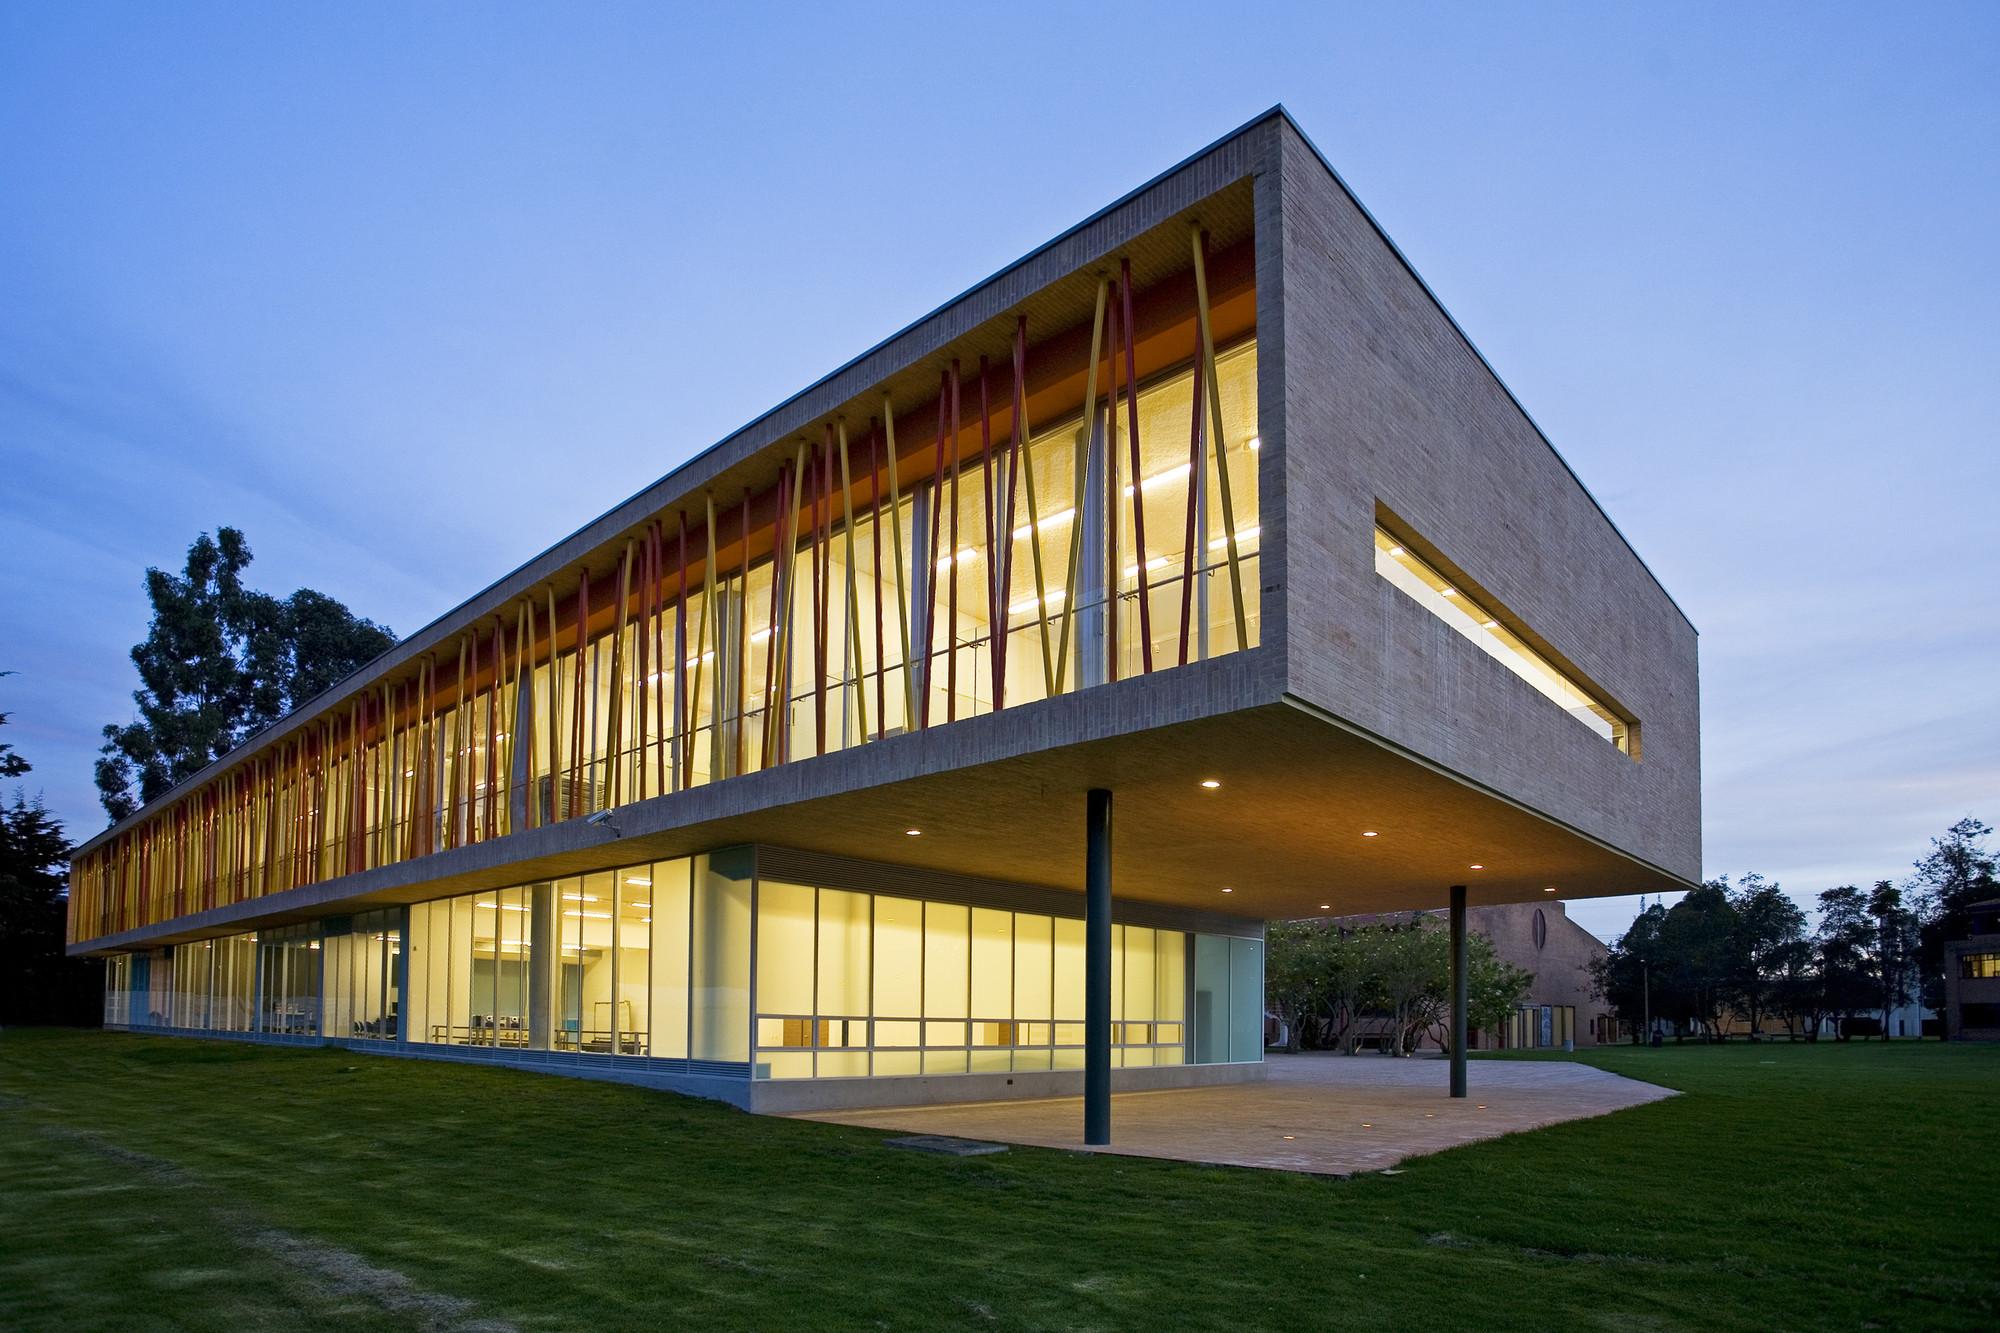 Galer a de colegio los nogales daniel bonilla for Plantas de colegios arquitectura